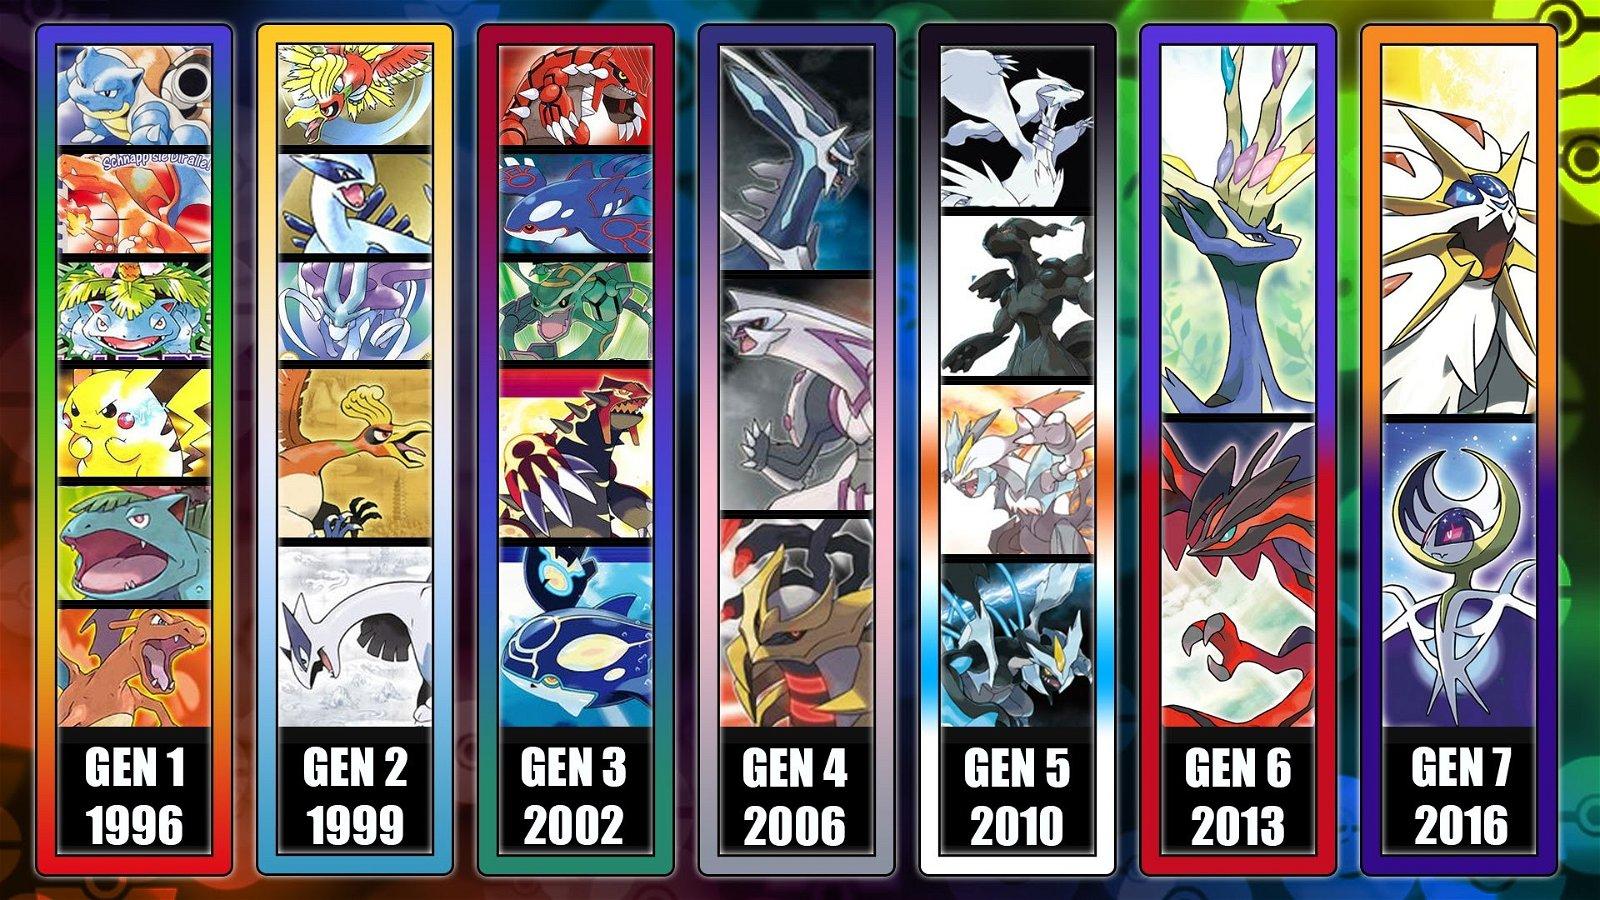 Pokémon: La 7 generaciones clasificadas de peor a mejor